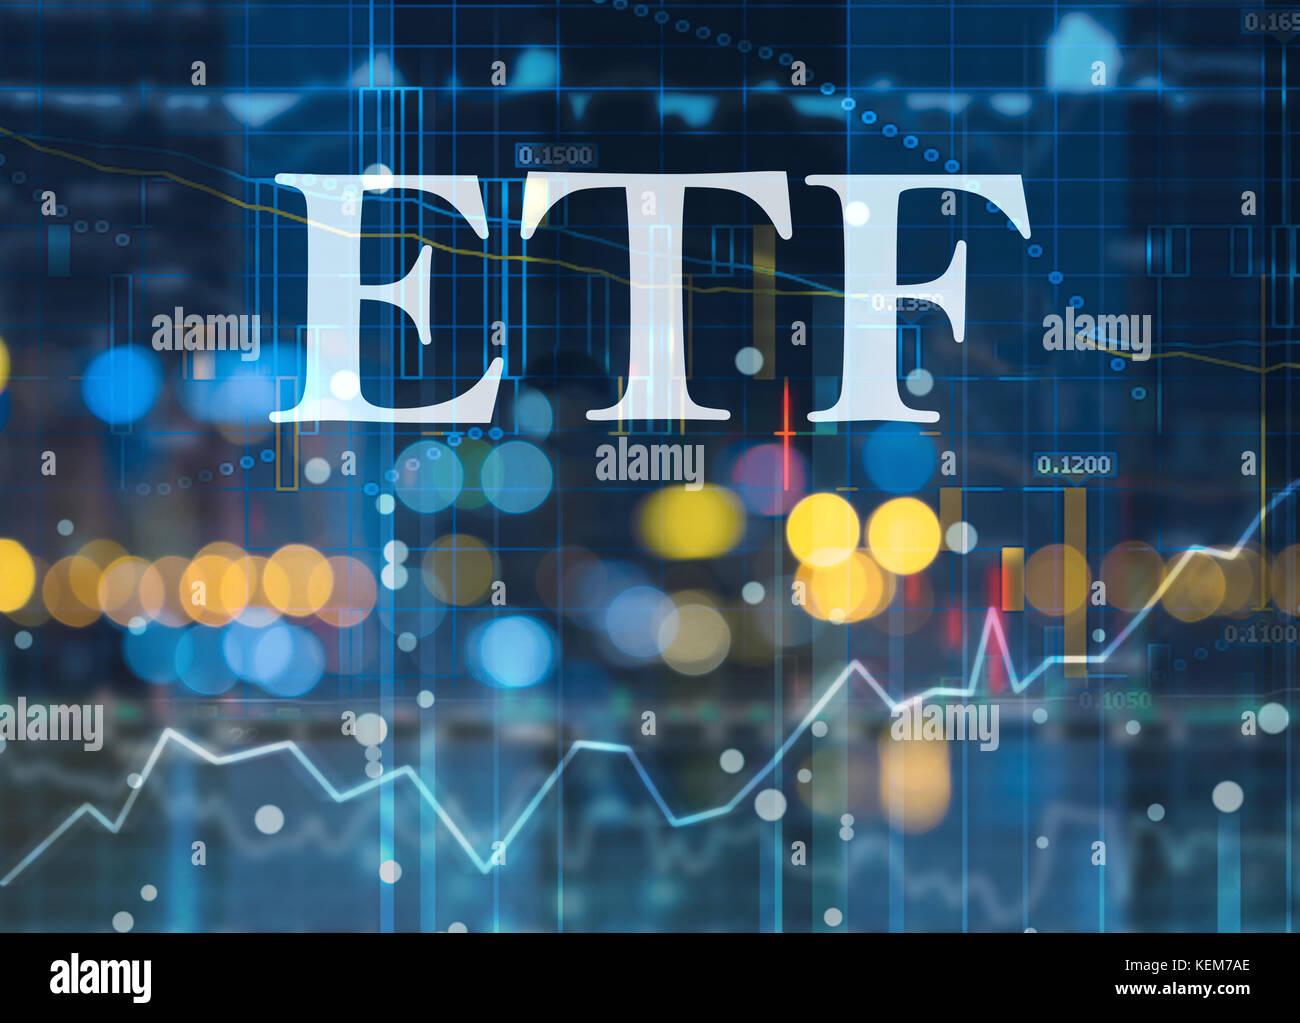 Etf, fonds négociés en bourse, investissement passif dans des fonds indiciels sur les marchés des Photo Stock